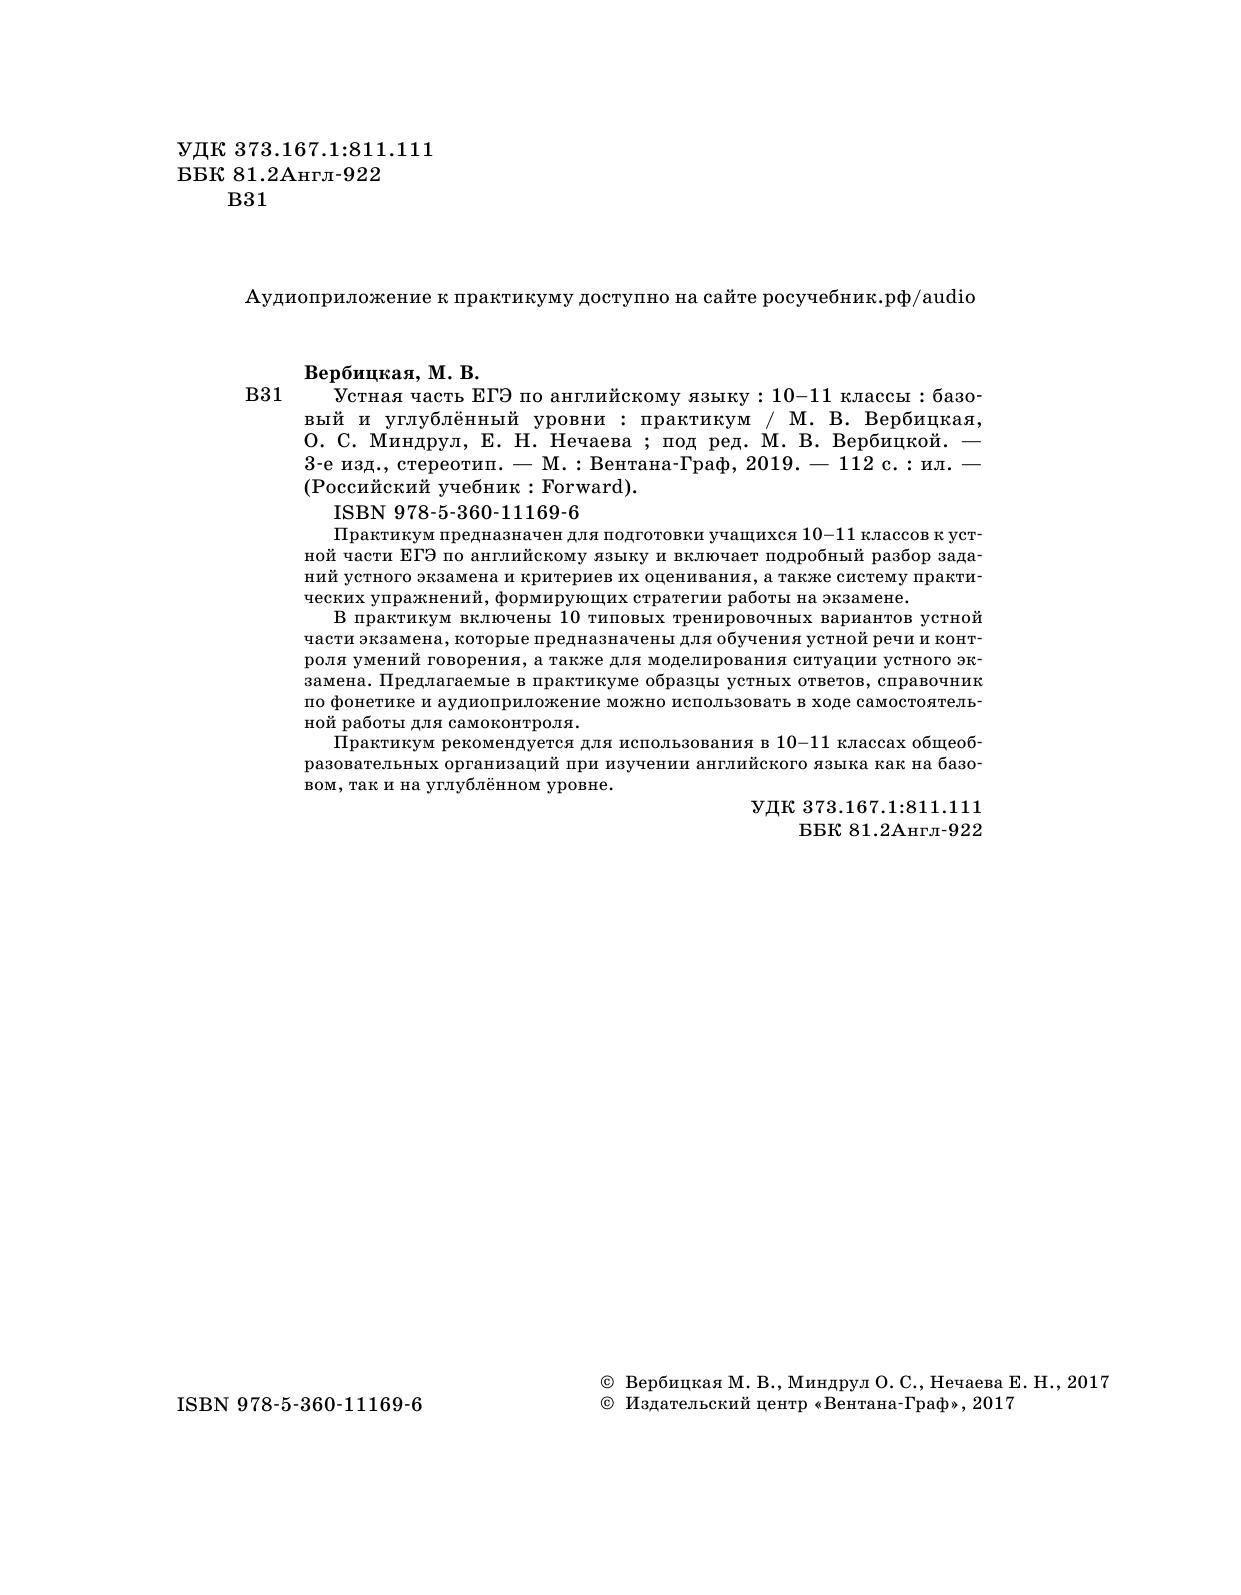 Устная часть ЕГЭ по английскому языку. 10–11классы. Практикум - страница 1